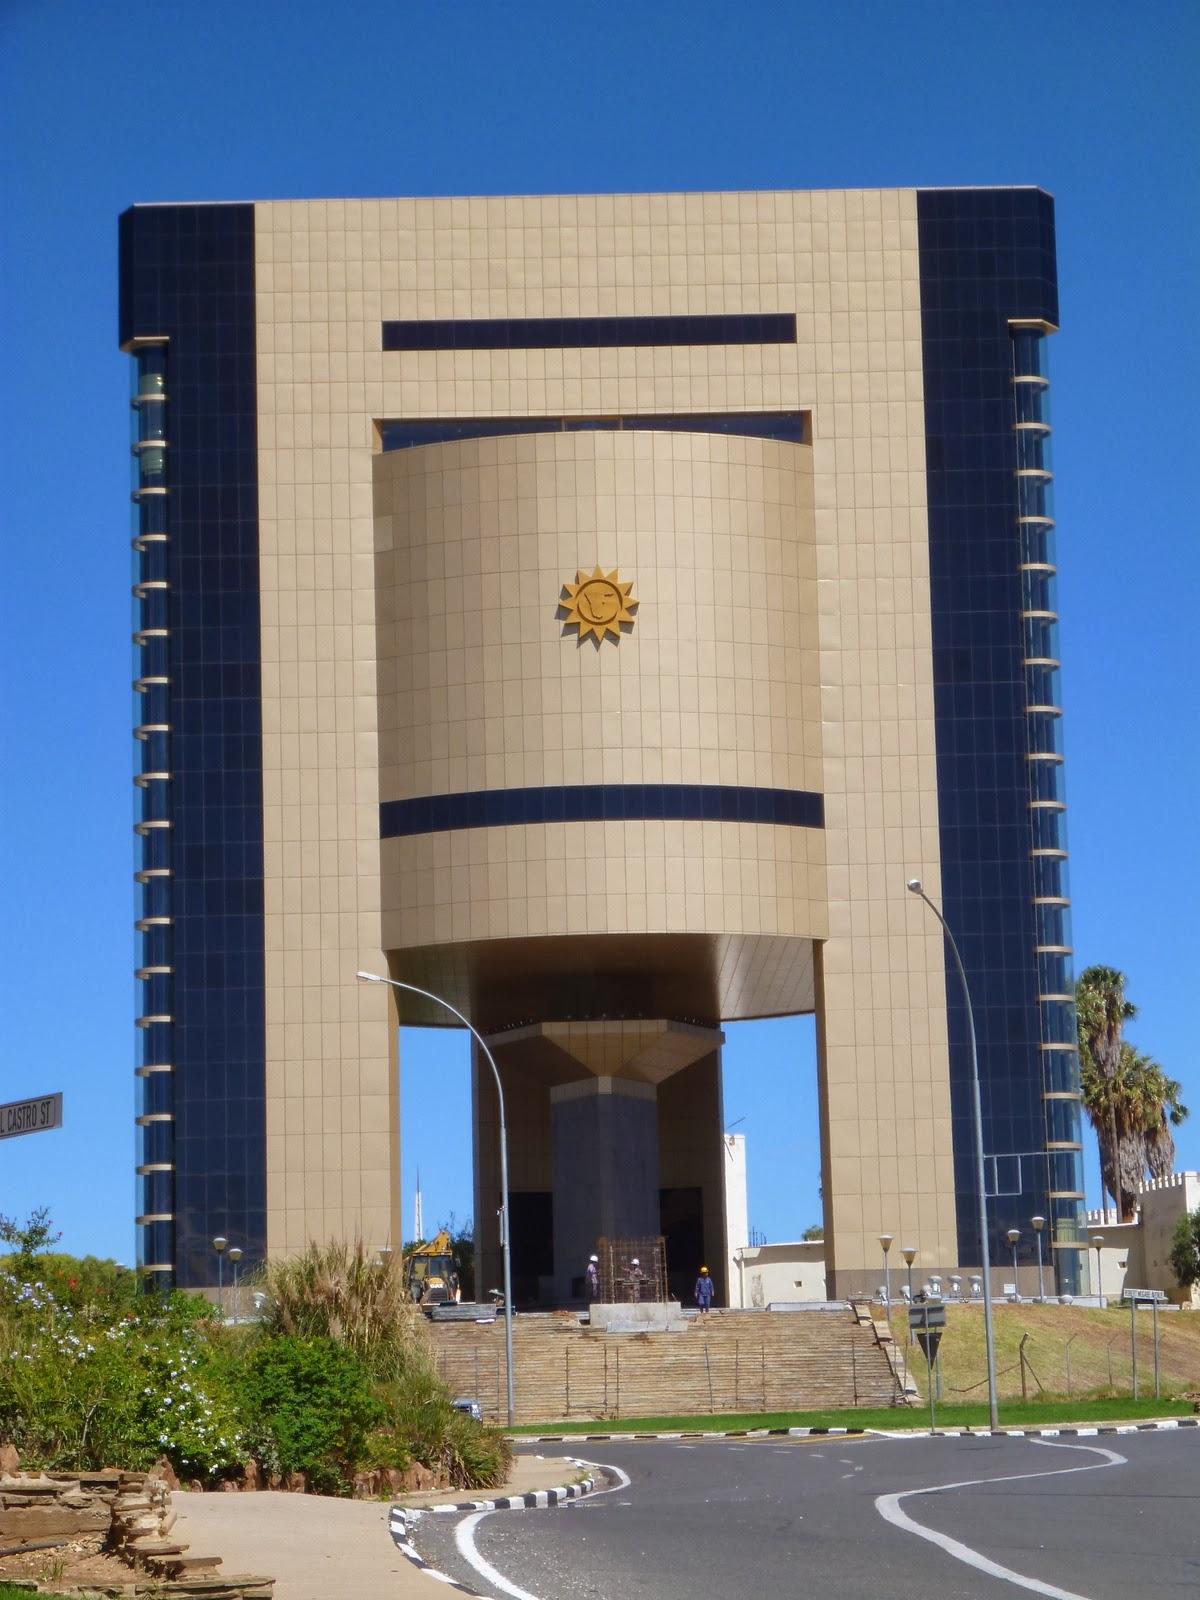 ... ne peut visiter ni le nouveau ni lu0027ancien. Le nouveau musée promet si lu0027on en juge par lu0027architecture du bâtiment. Ce sont des chinois qui construisent ... & Windhoek Capitale de la Namibie   Hélène et Jean en Afrique (2014)